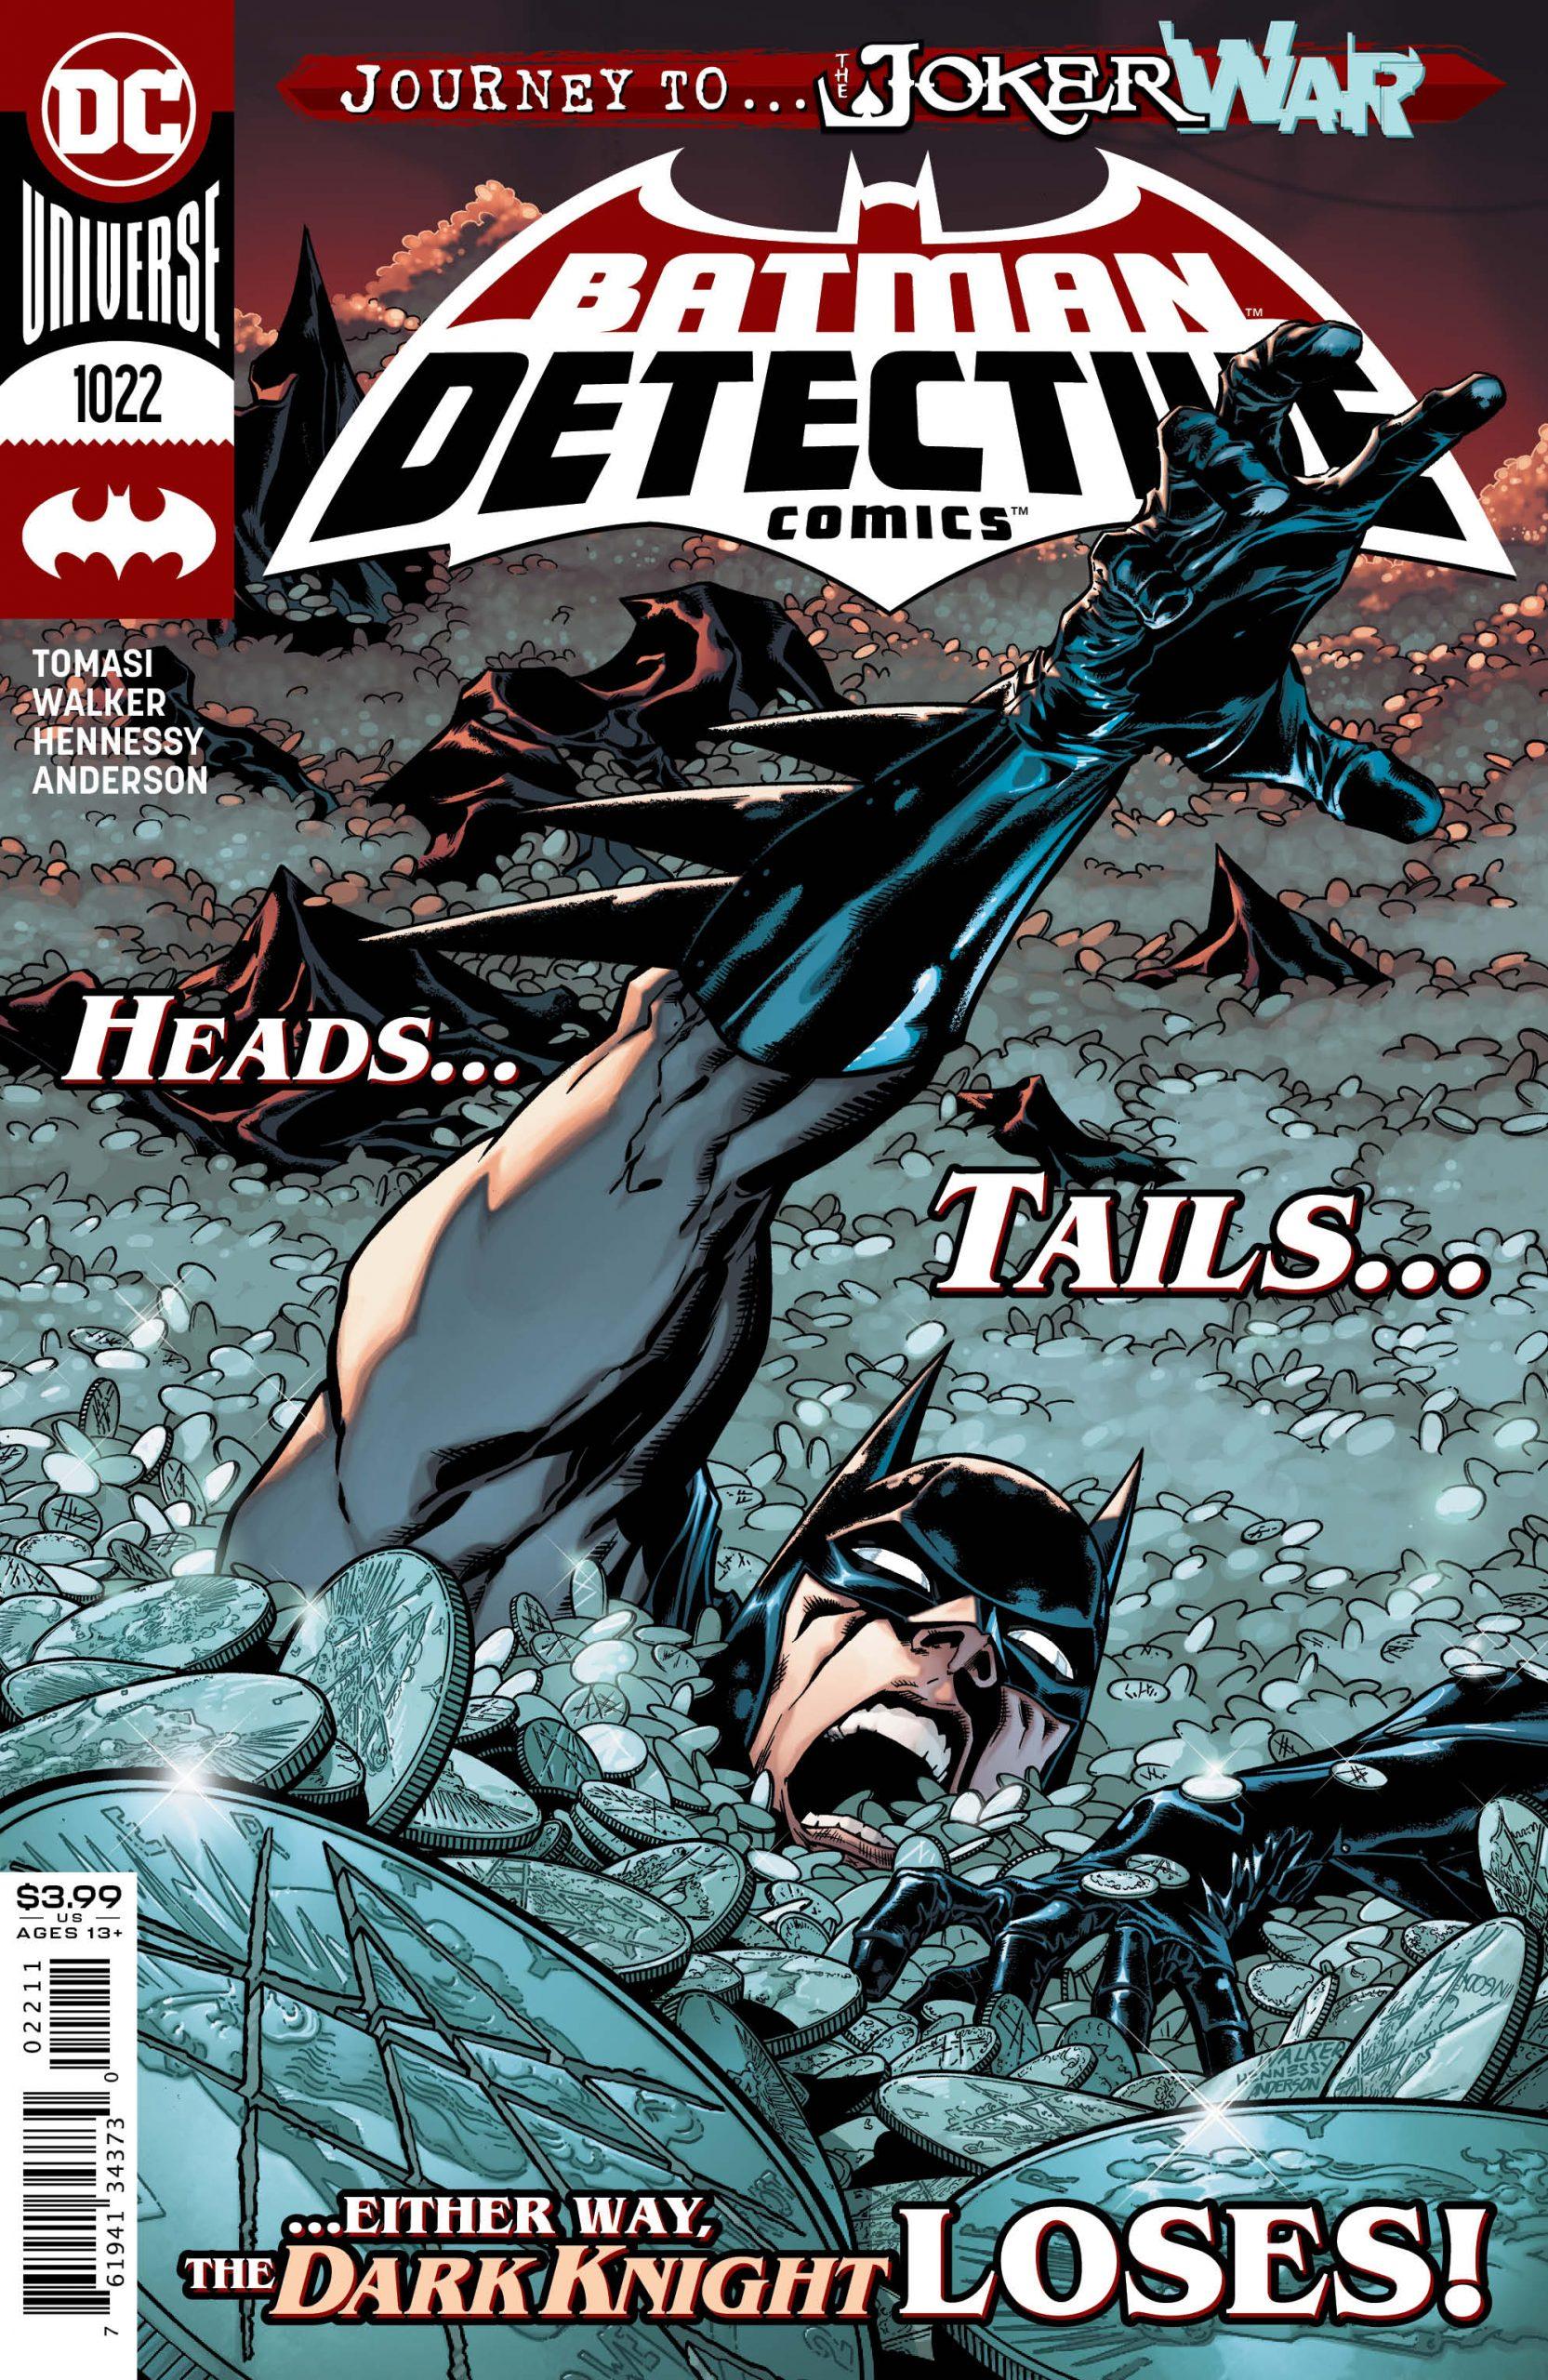 Detective Comics #1022 Cover